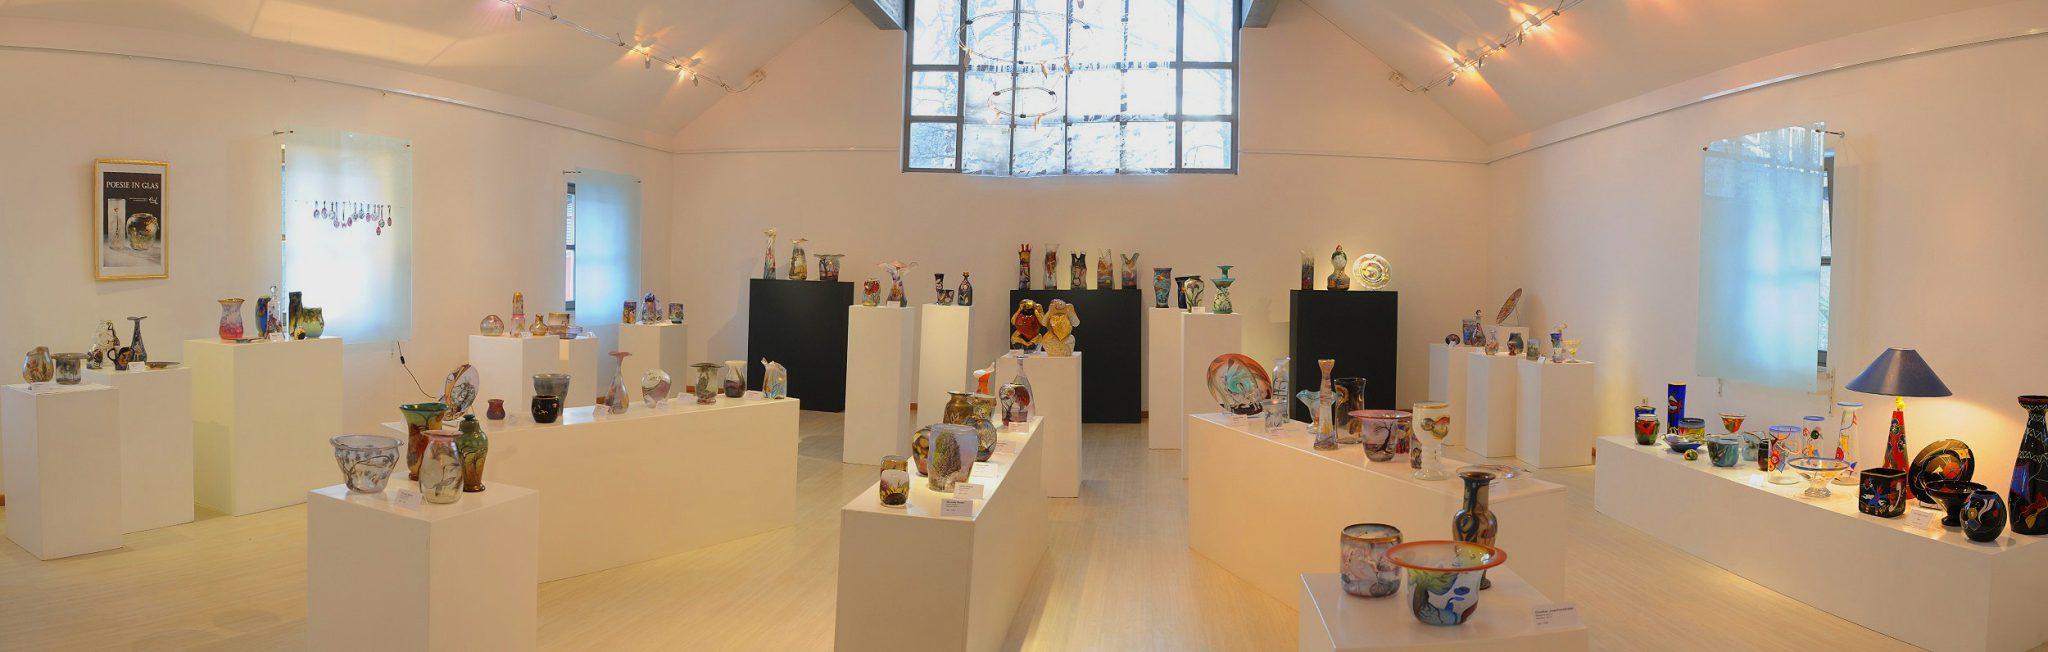 Panorama Galerie Eisch